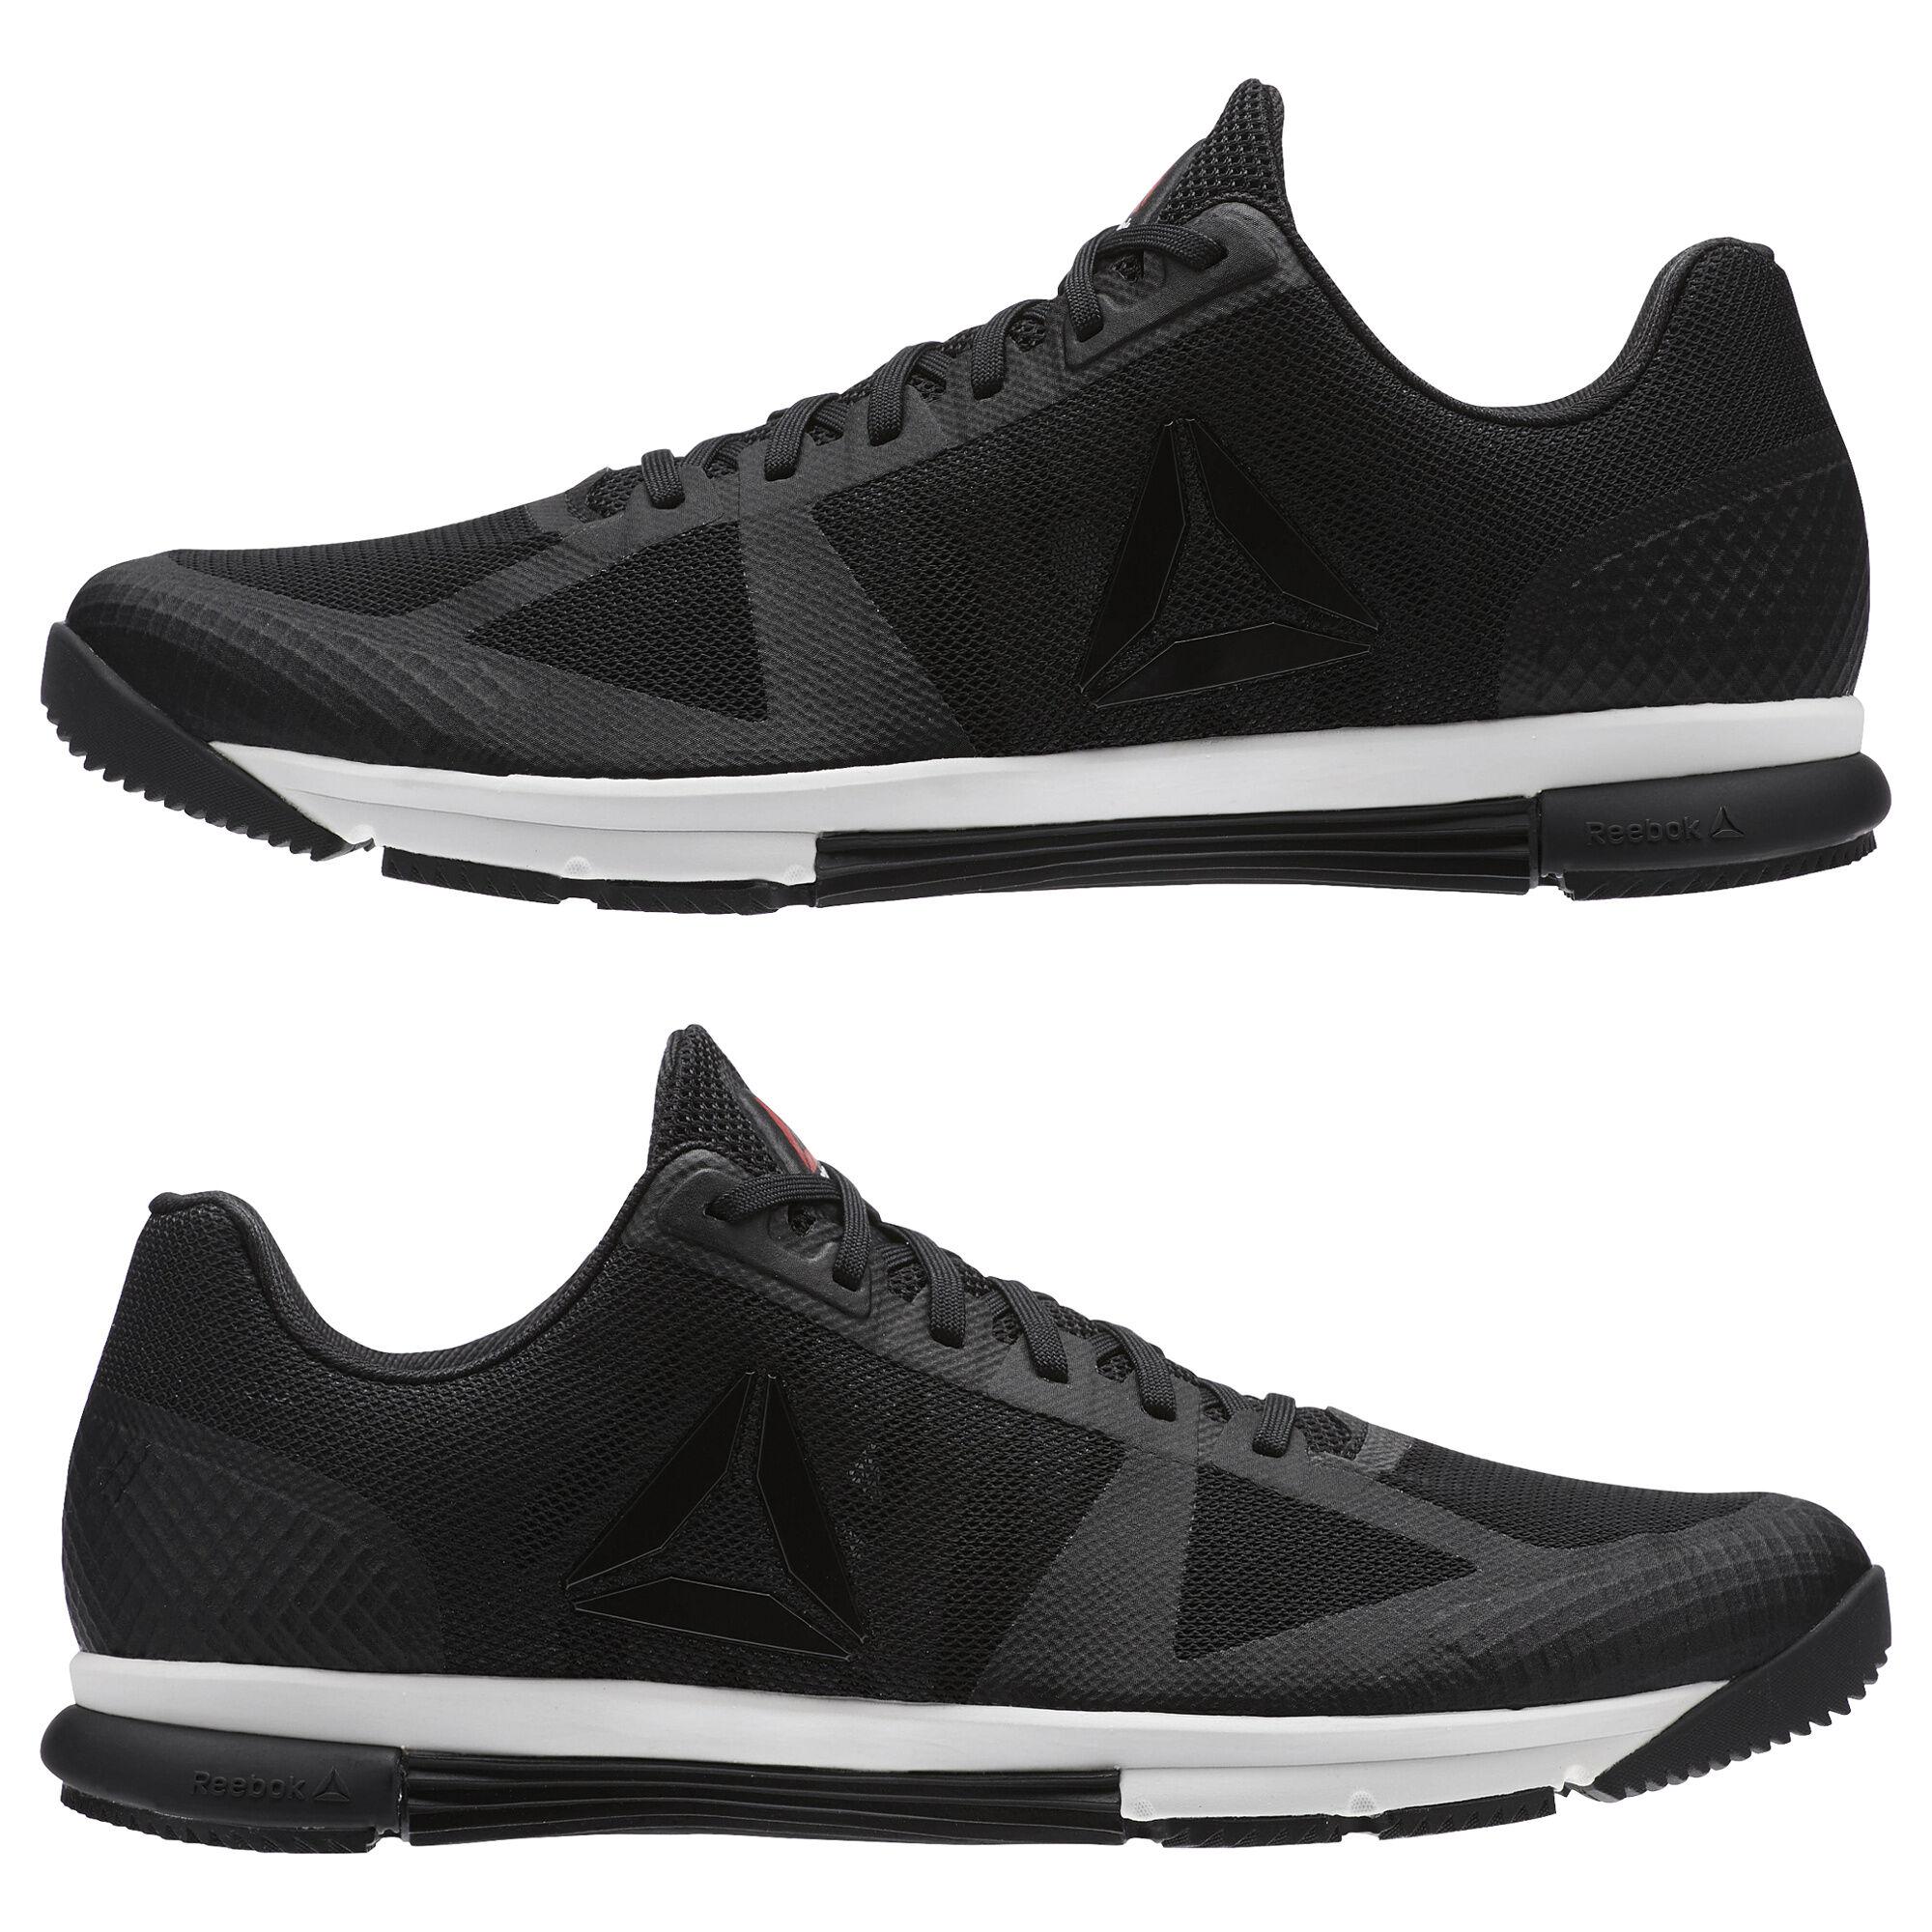 Reebok-Men-039-s-Speed-TR-Shoes